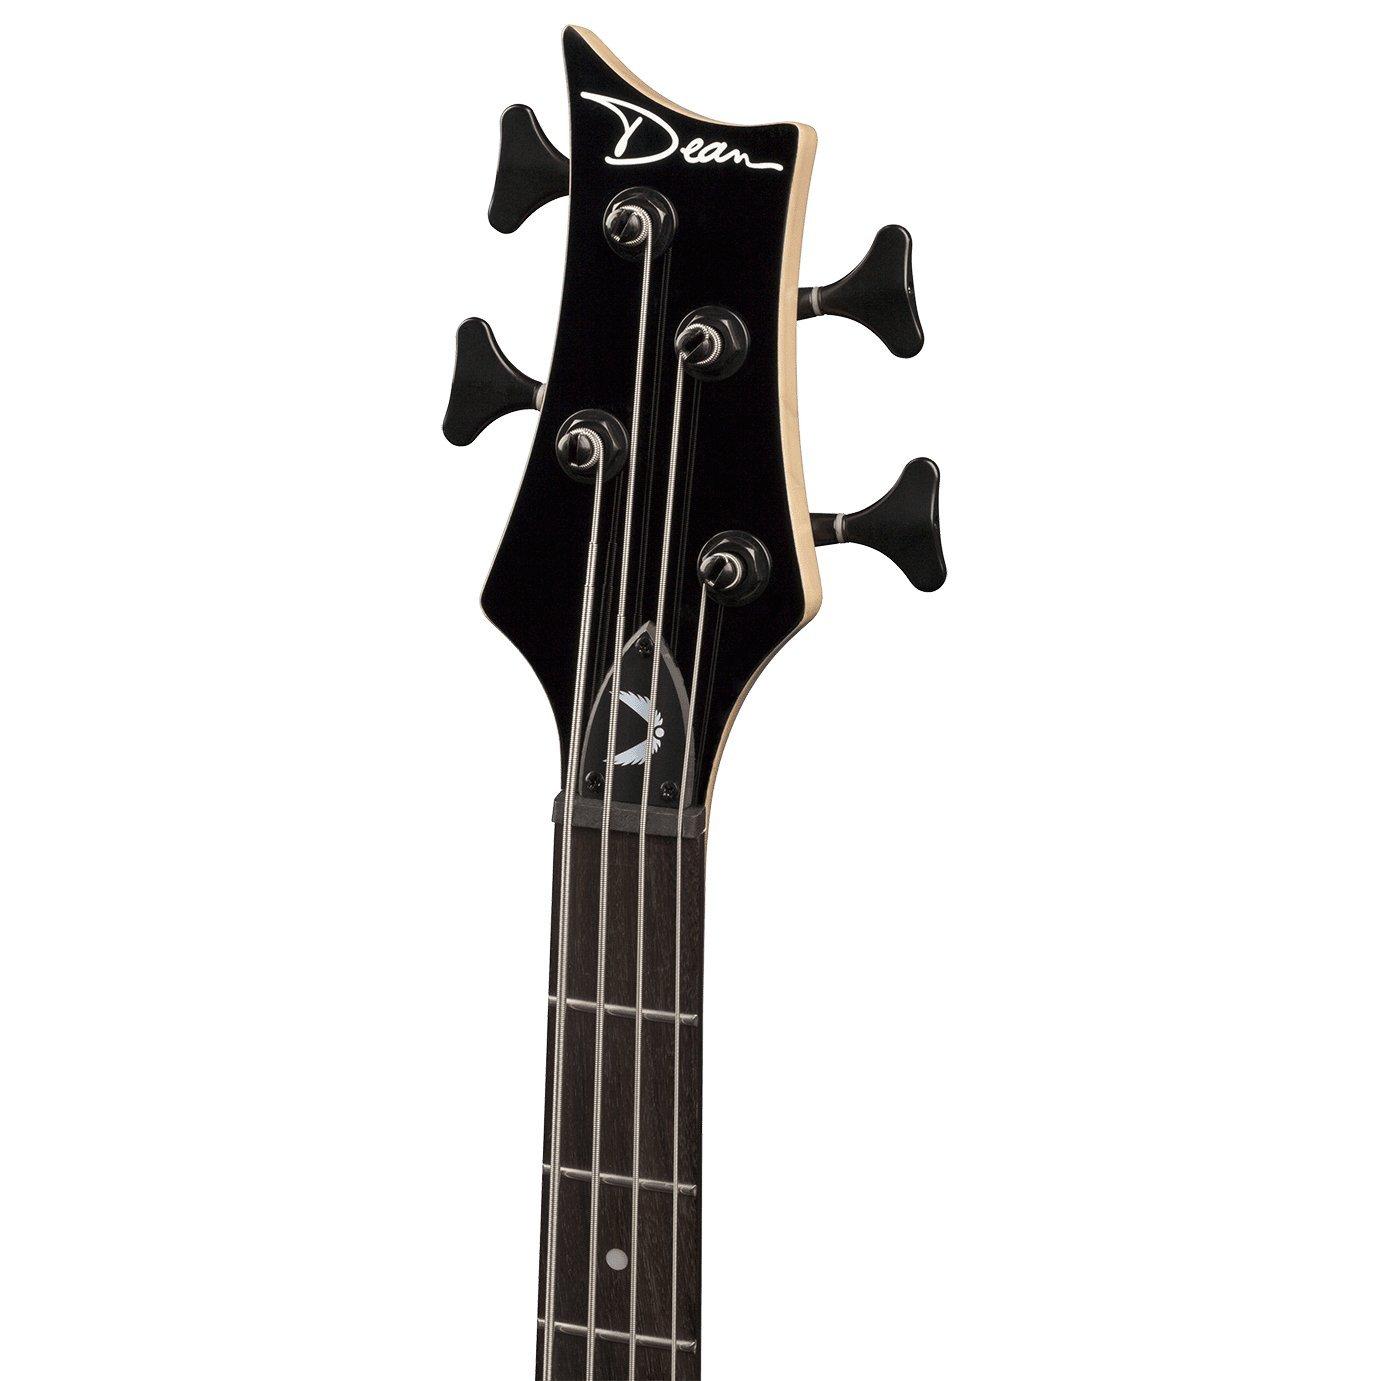 Dean Guitars E09M SN Edge 09 - Guitarra, color natural satinado: Amazon.es: Instrumentos musicales